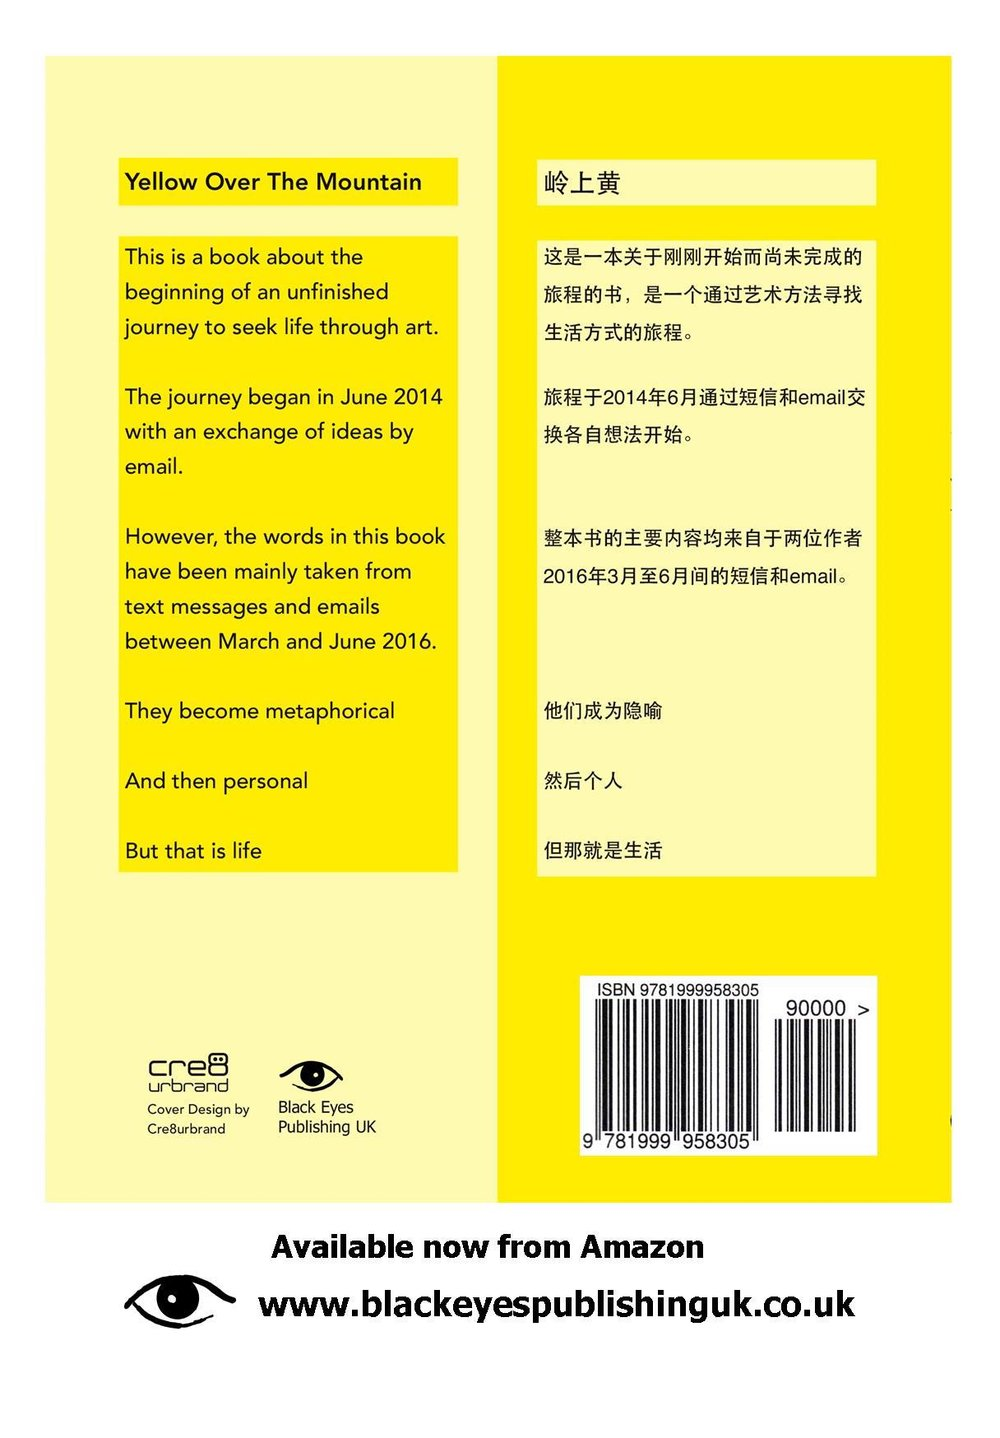 YOTM-leafback.jpg